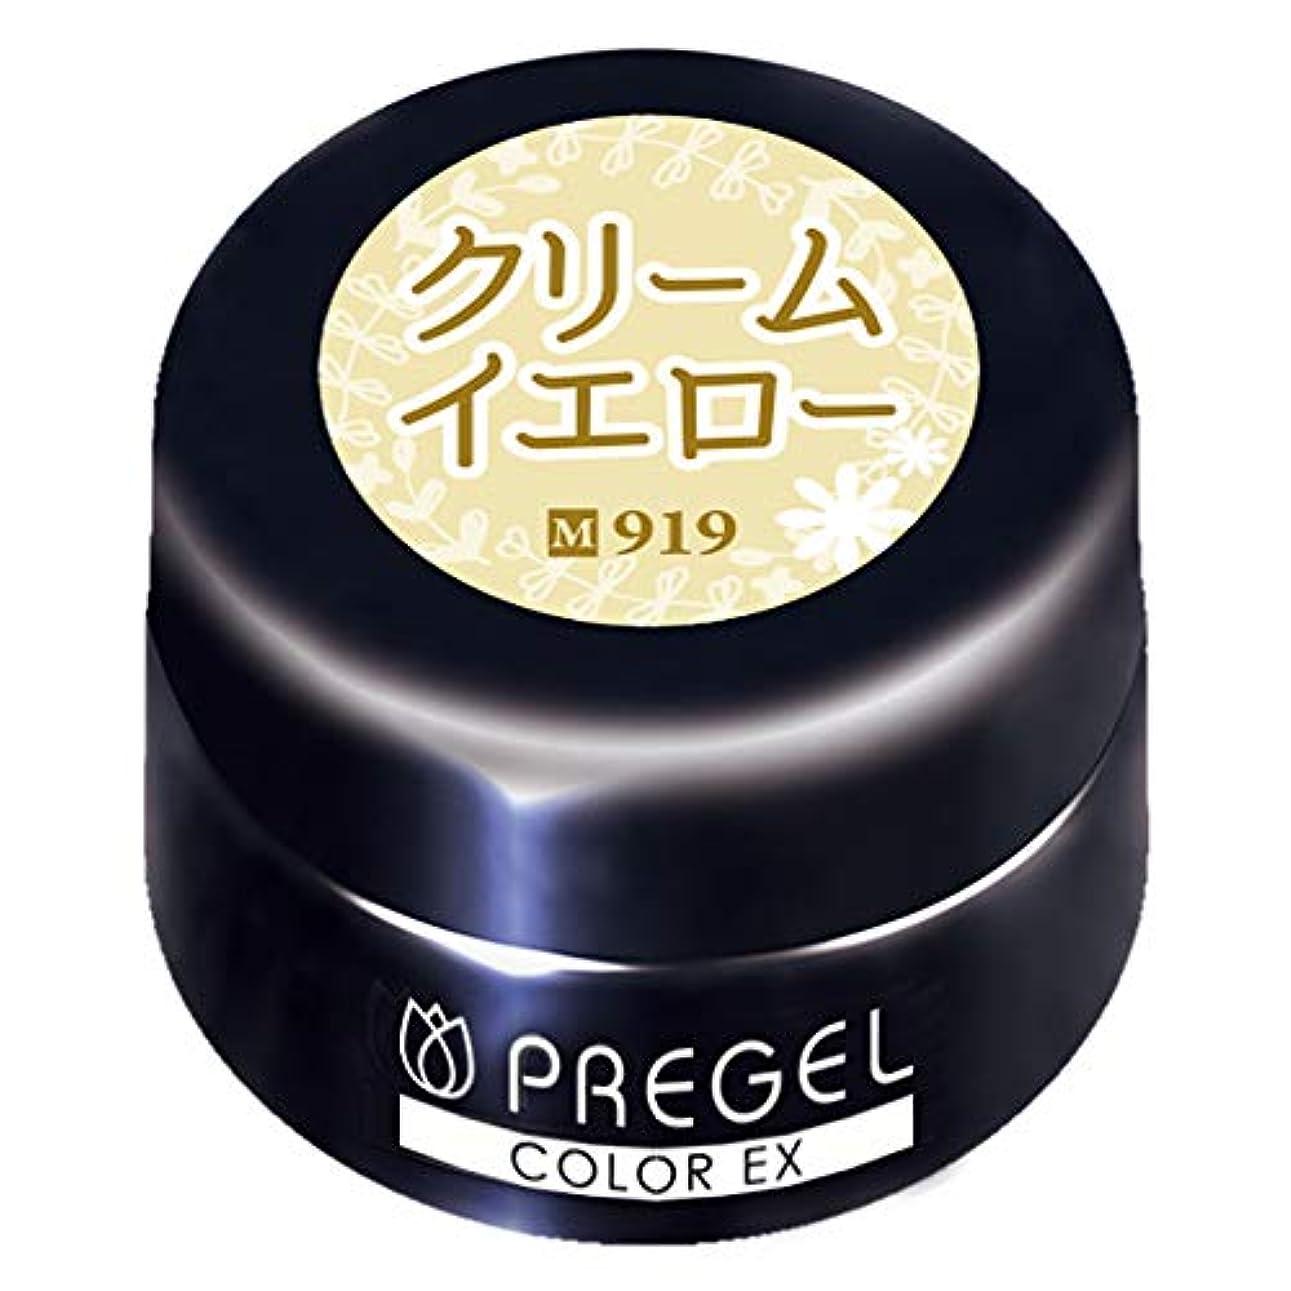 ピンク付添人相続人PRE GEL カラーEX クリームイエロー919 3g PG-CE919 UV/LED対応